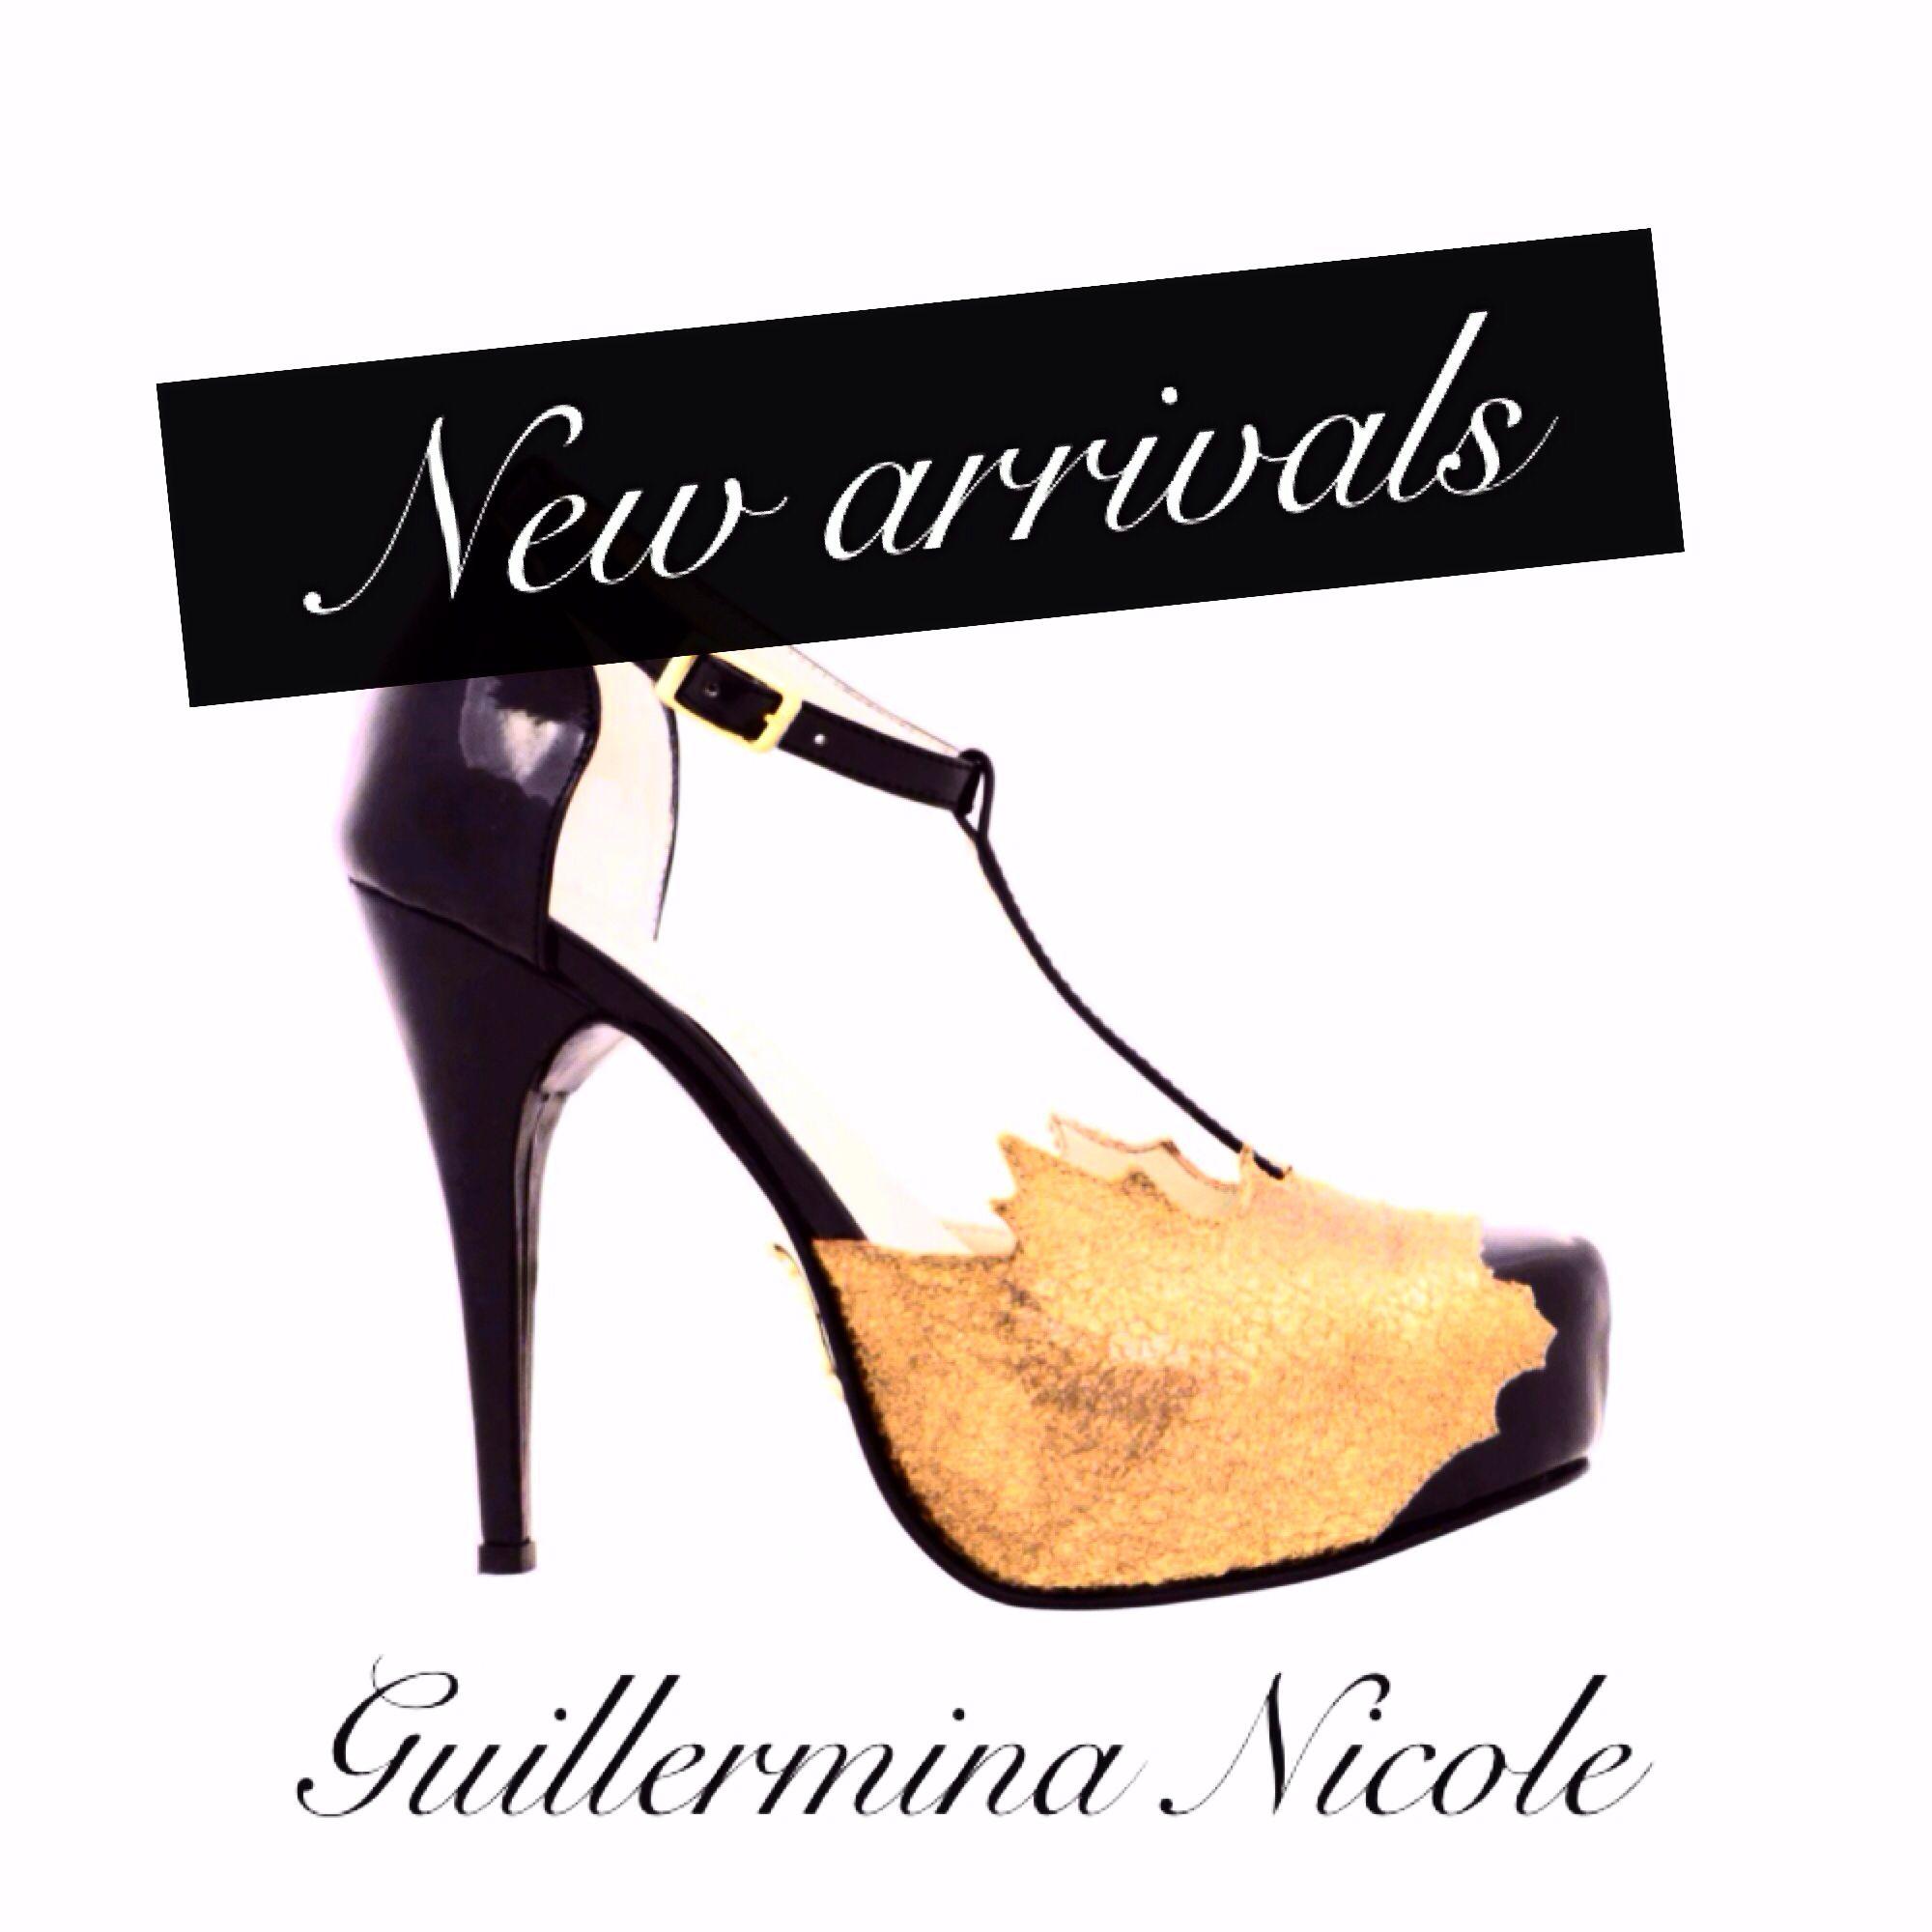 Ya llegaron a nuestro Showroom Guillermina Nicole colección NIKKA inv 2014 #nikka #nicoleneumann #guillerminanicole #hojas #fashion #shopping #shoes #crueltyfree